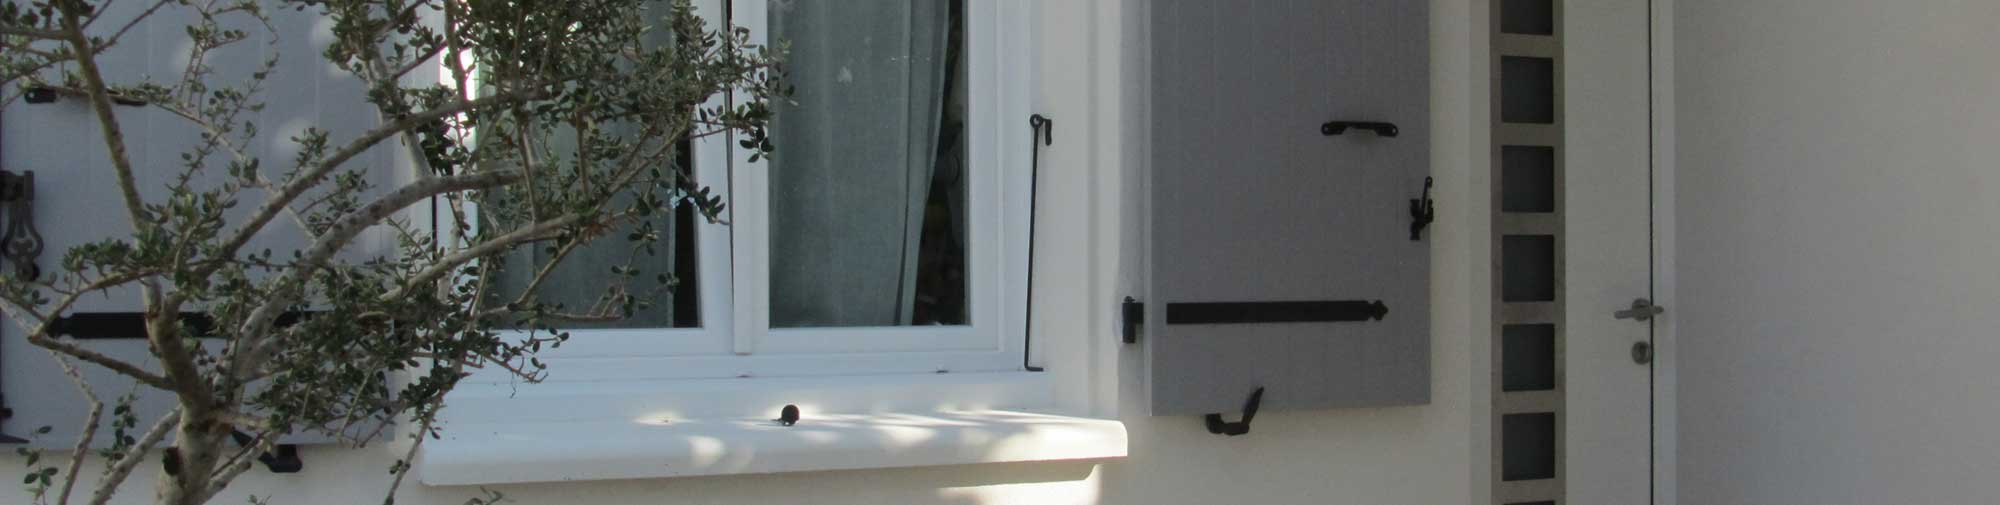 Rénovation fenêtre PVC et Porte d'entrée Aluminium